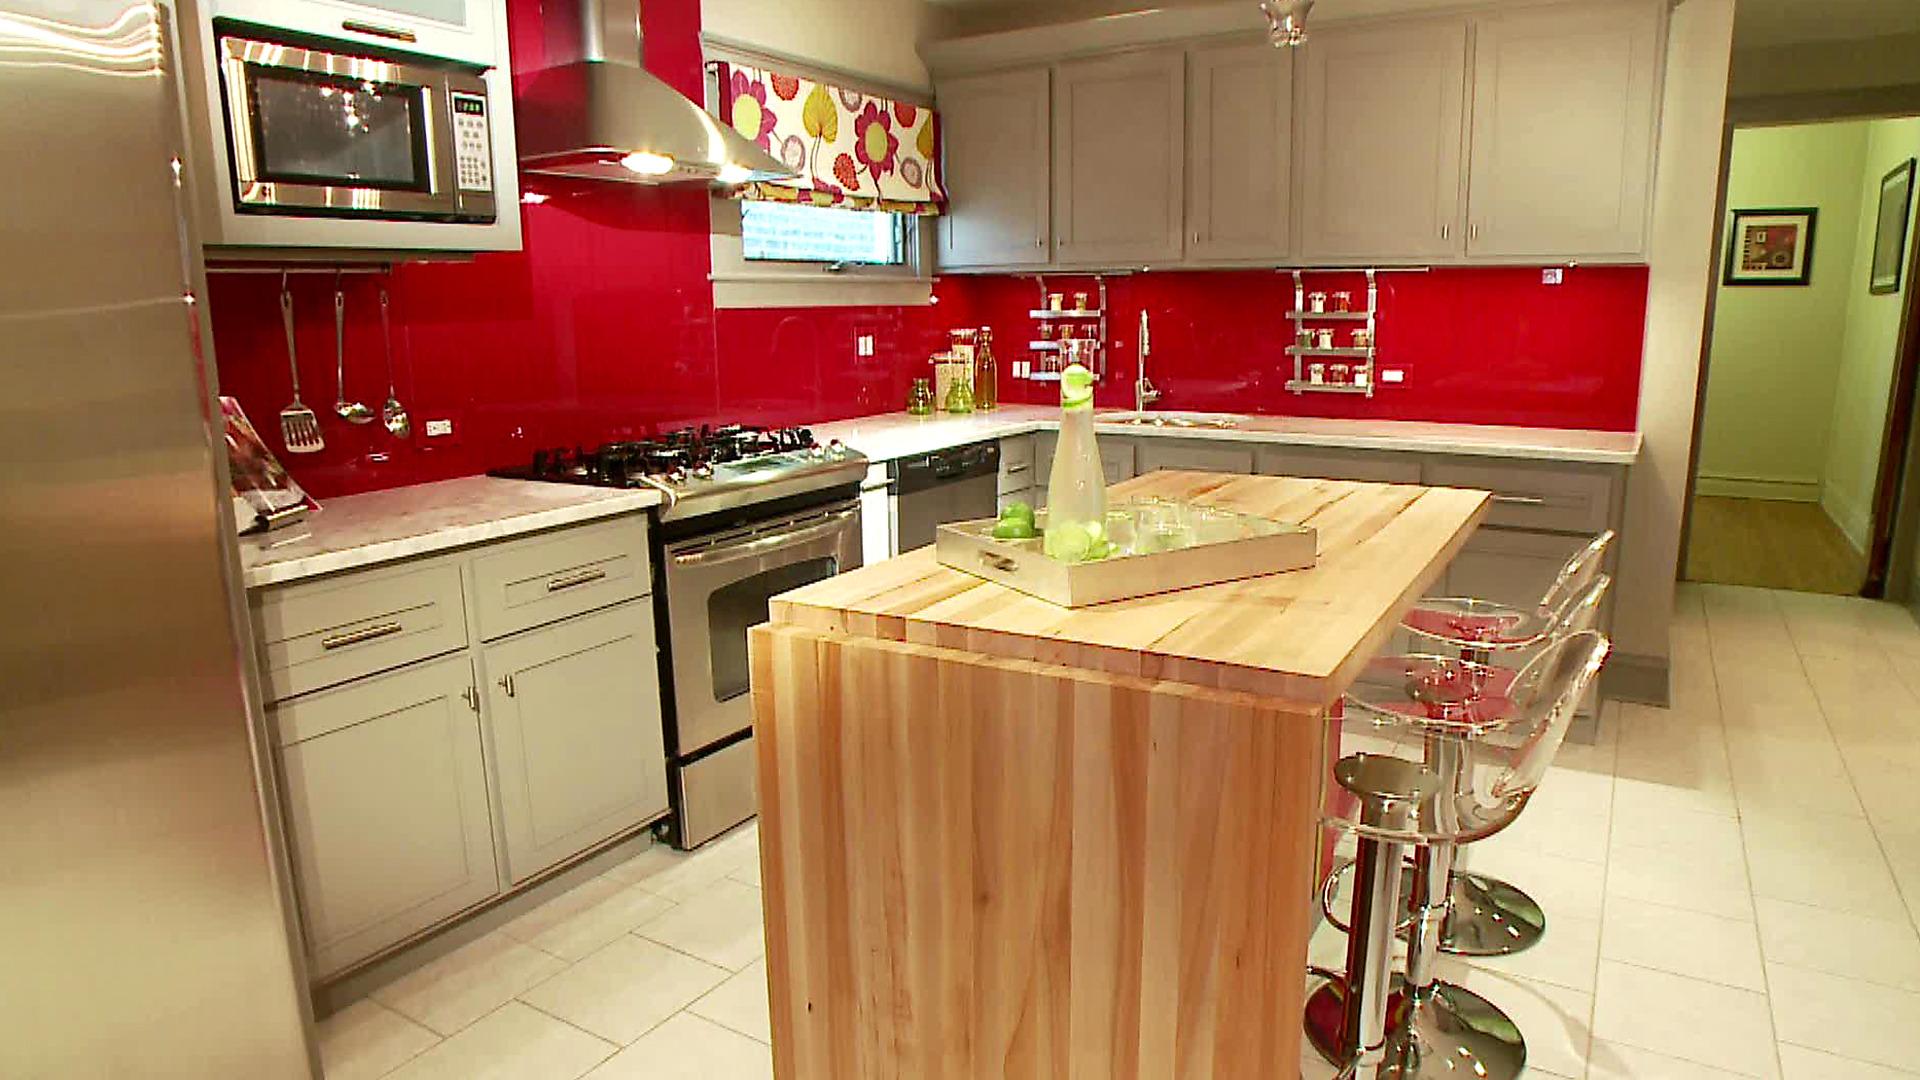 kitchen colour kitchen color ideas u0026 pictures | hgtv OJWERQC